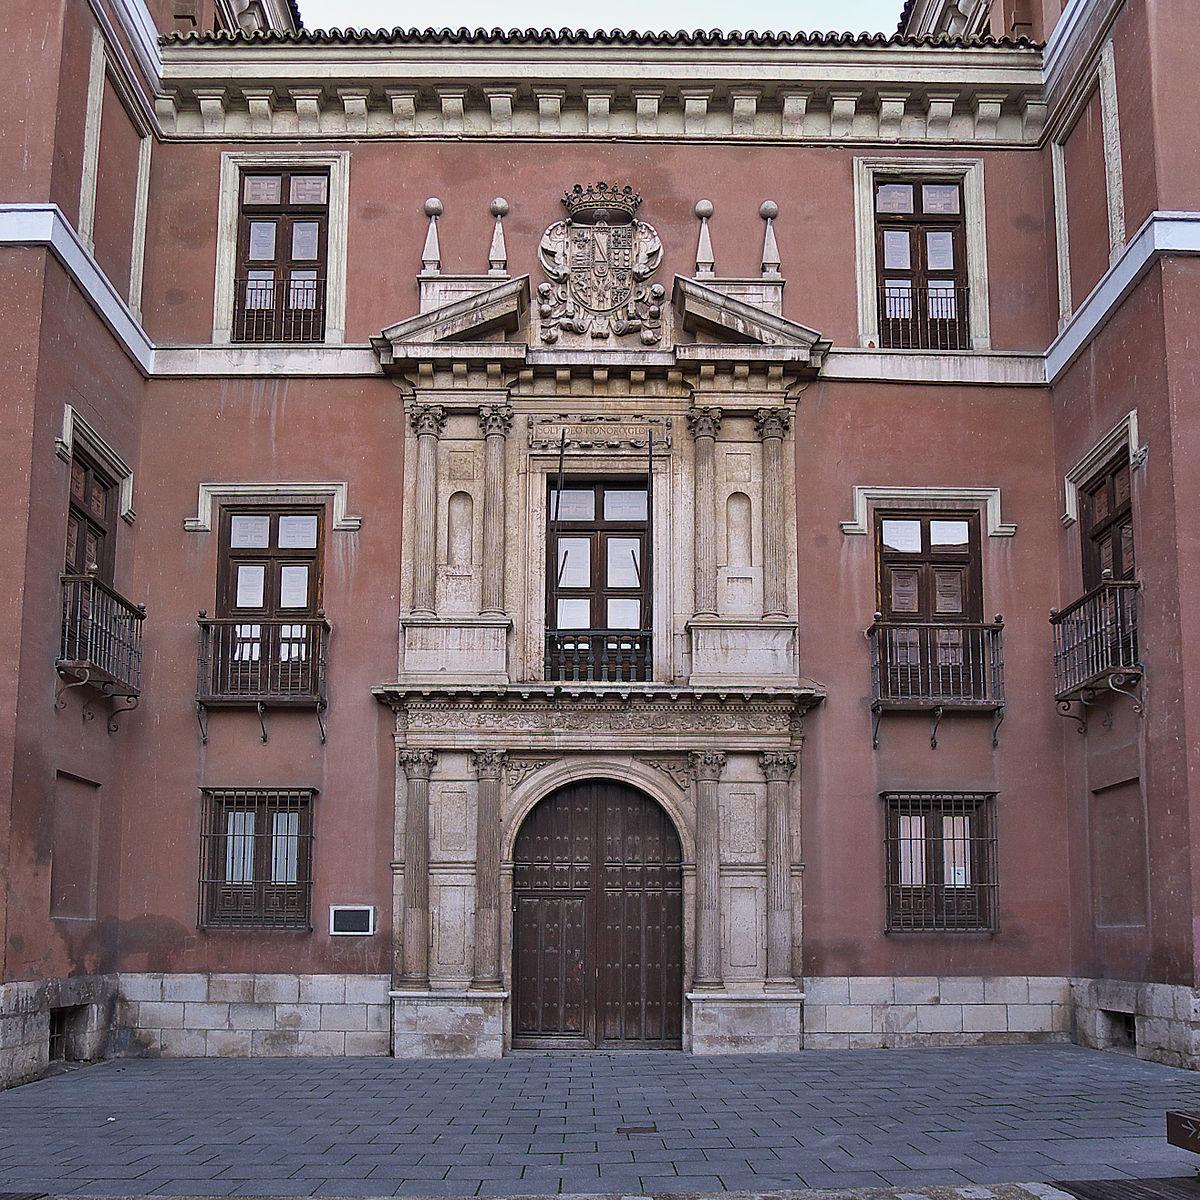 Diego de praves wikipedia la enciclopedia libre - Arquitectos en valladolid ...